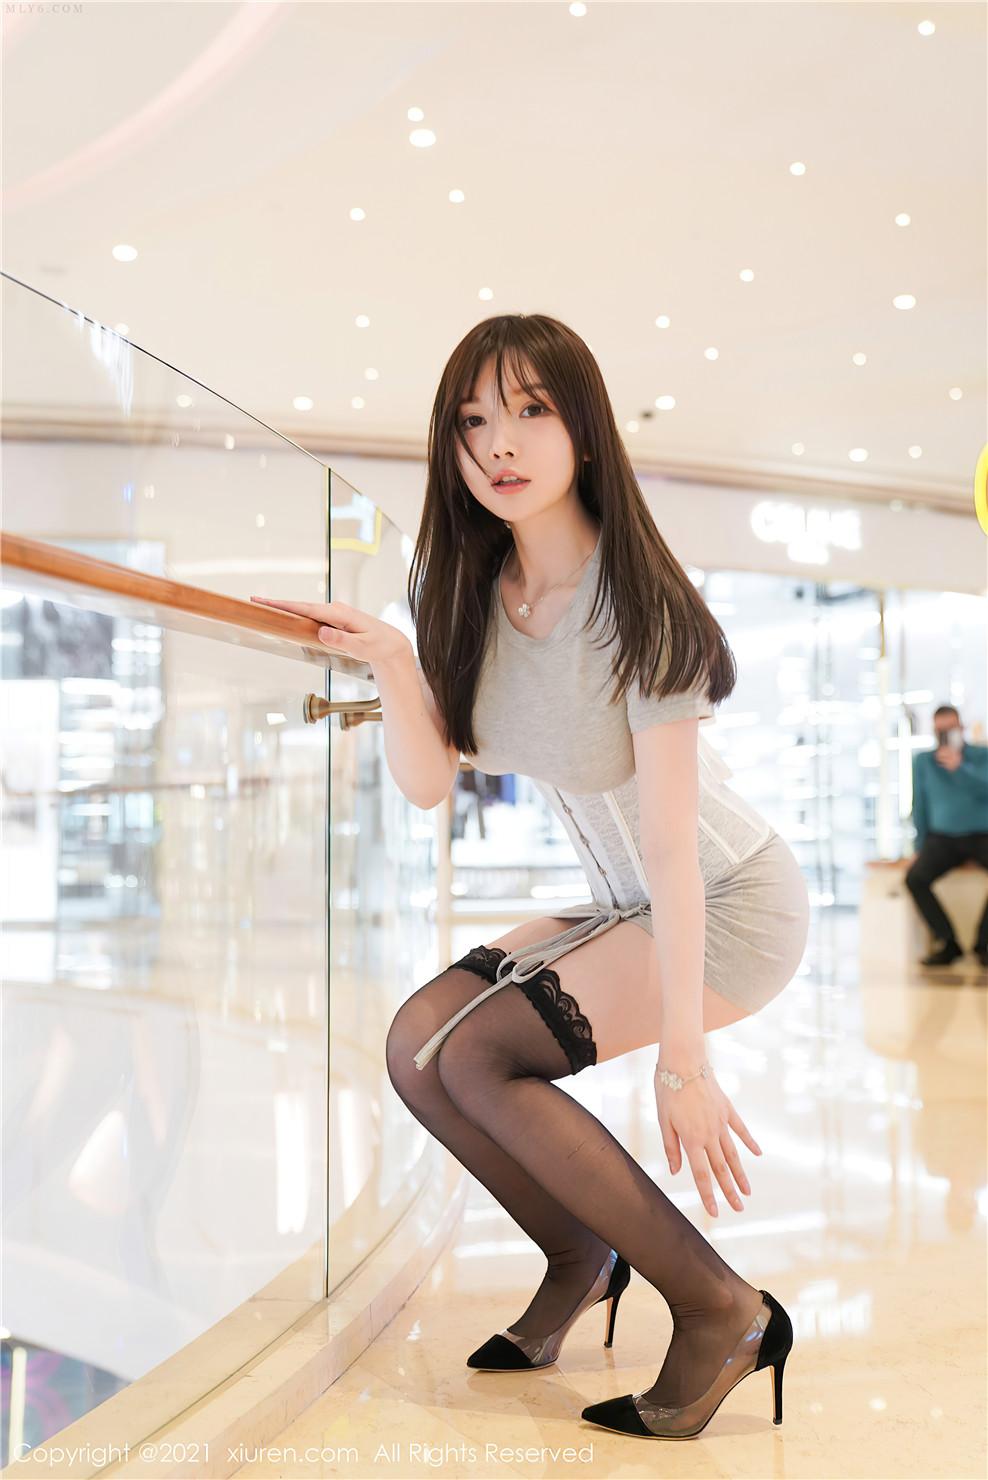 糯美子mini NO.017 2021.01.13 No.3001MINIbabe [60P565MB]